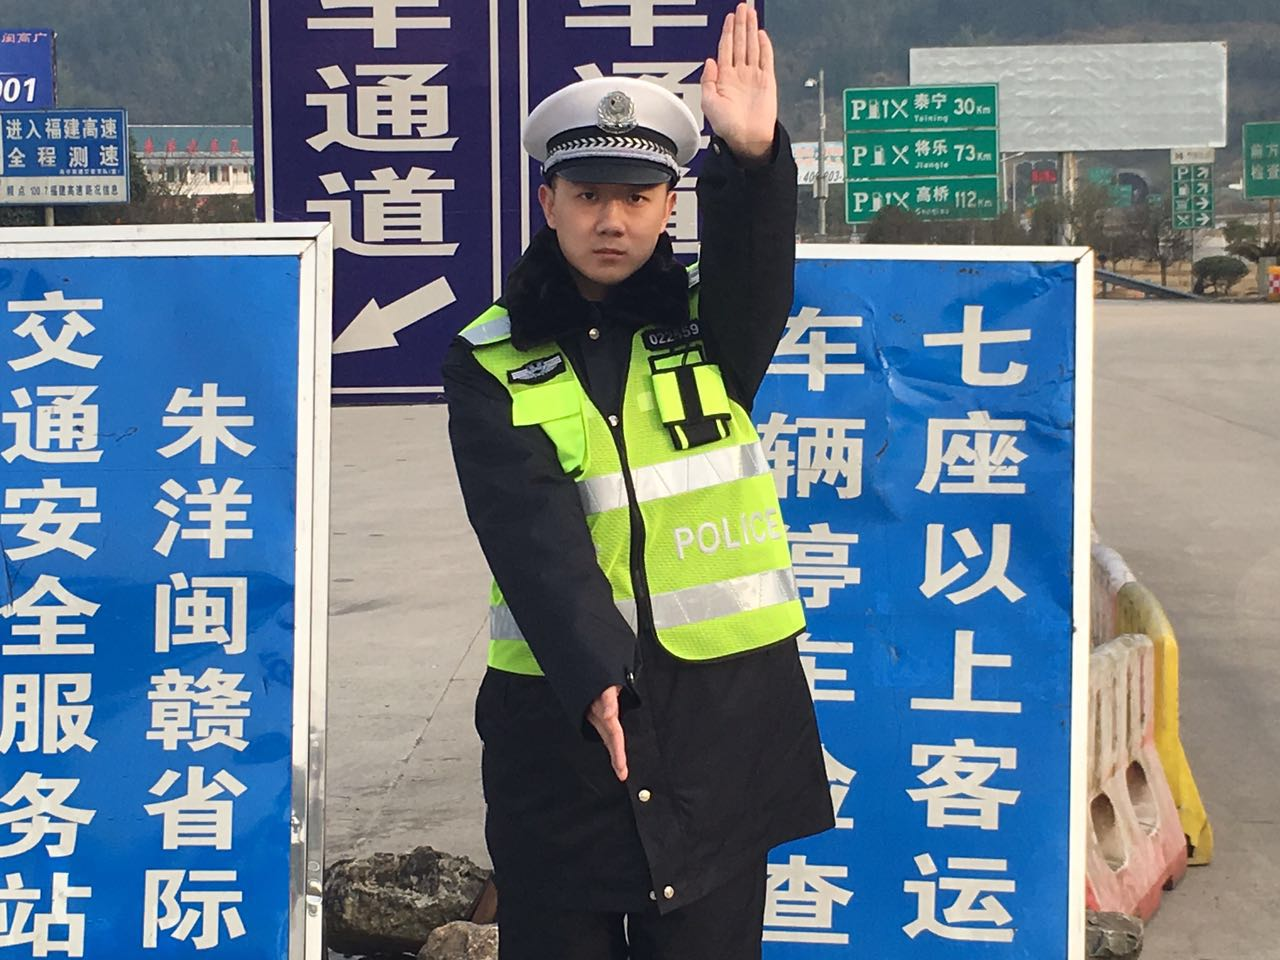 刘才增暗示车辆停车。李嘉 摄